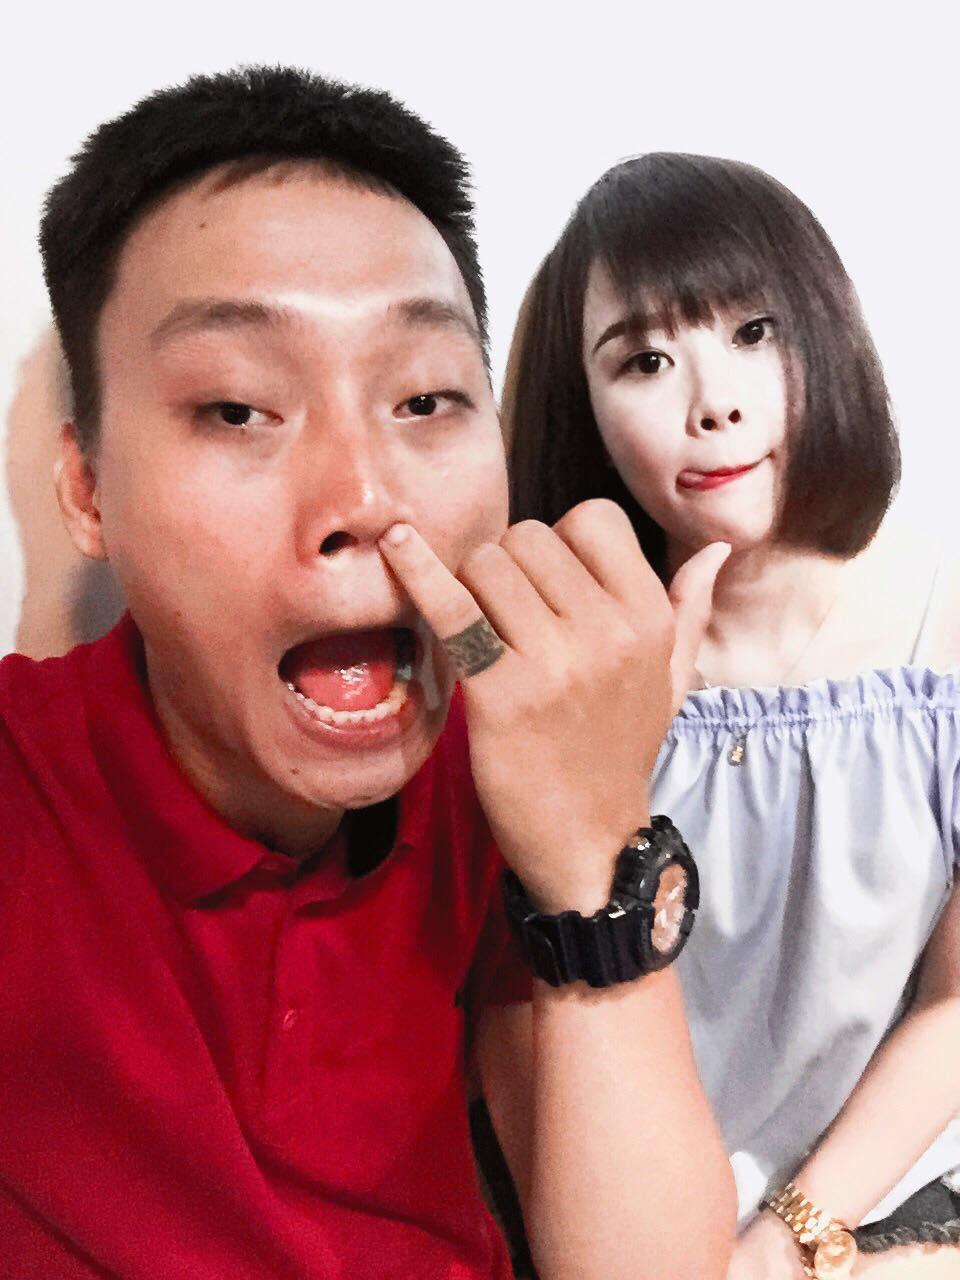 Loạt ảnh siêu lầy lội của vợ chồng Nhật Anh Trắng: Yêu thánh chế nên thế là quá bình thường! - Ảnh 19.